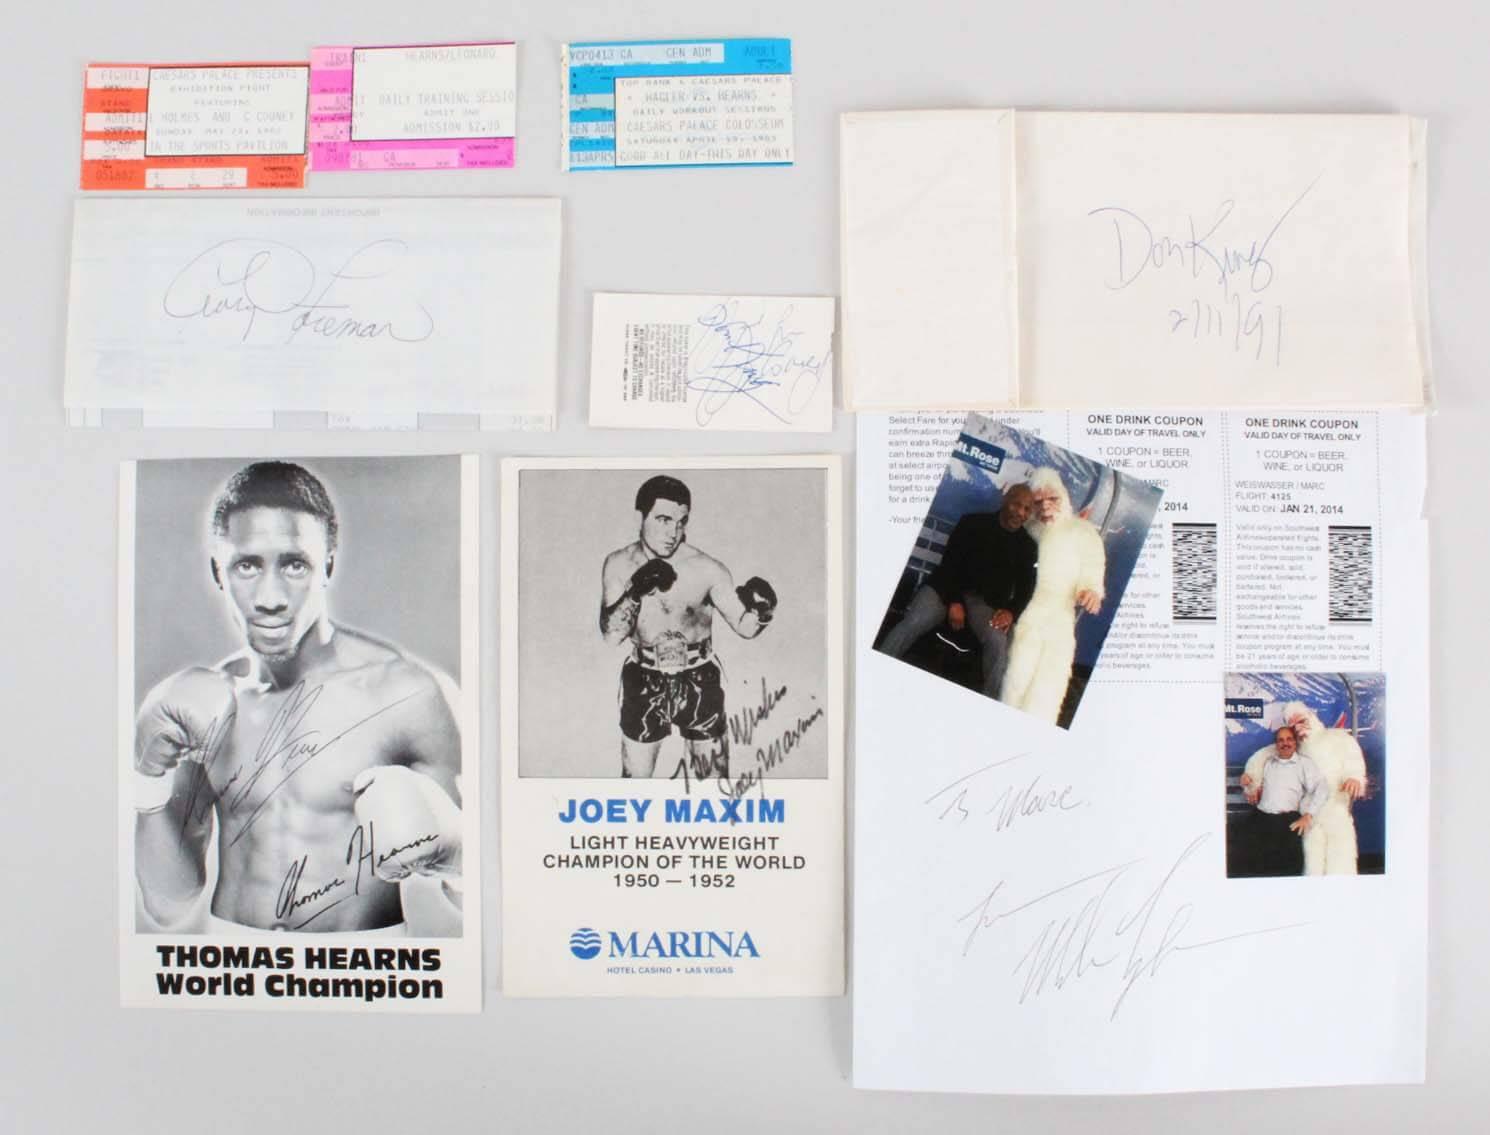 Boxing Multi-Signed Lot - Mike Tyson, Don King, etc. - JSA